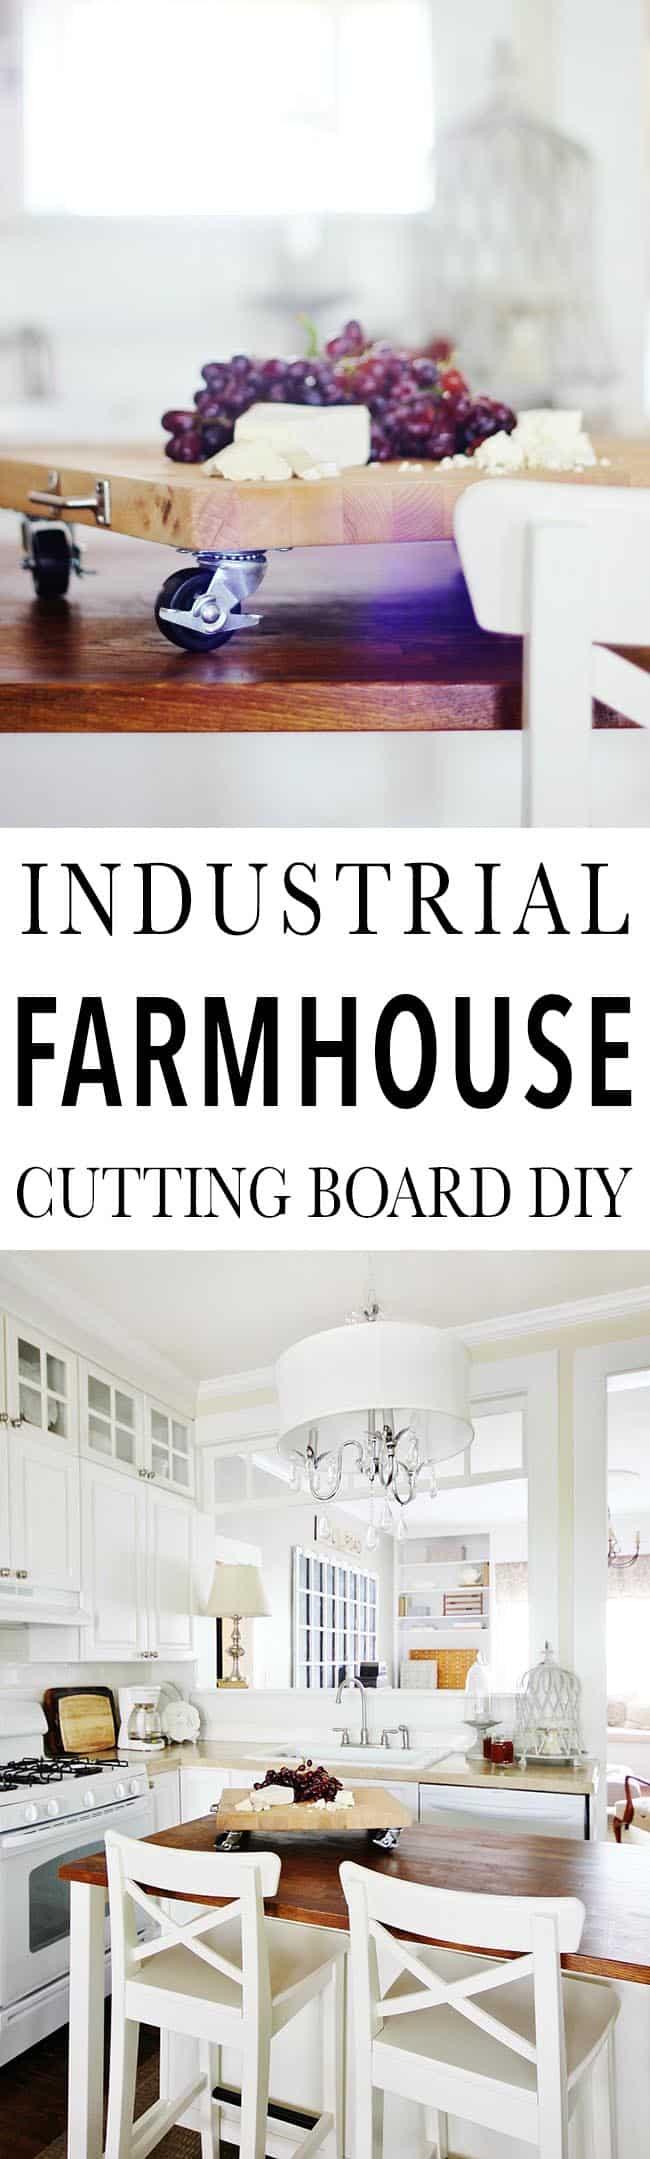 Industrial Farmhouse Cutting Board Diy And A Brilliant Idea Thistlewood Farm